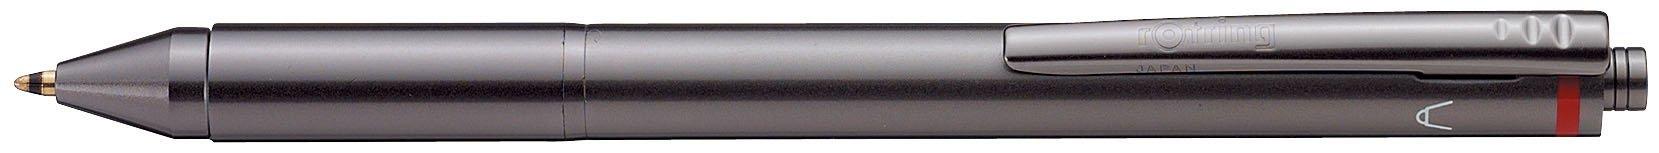 rotring フォーインワン ボールペンクロ・アカ・アオ+ペンシル0.5mm 502-700F